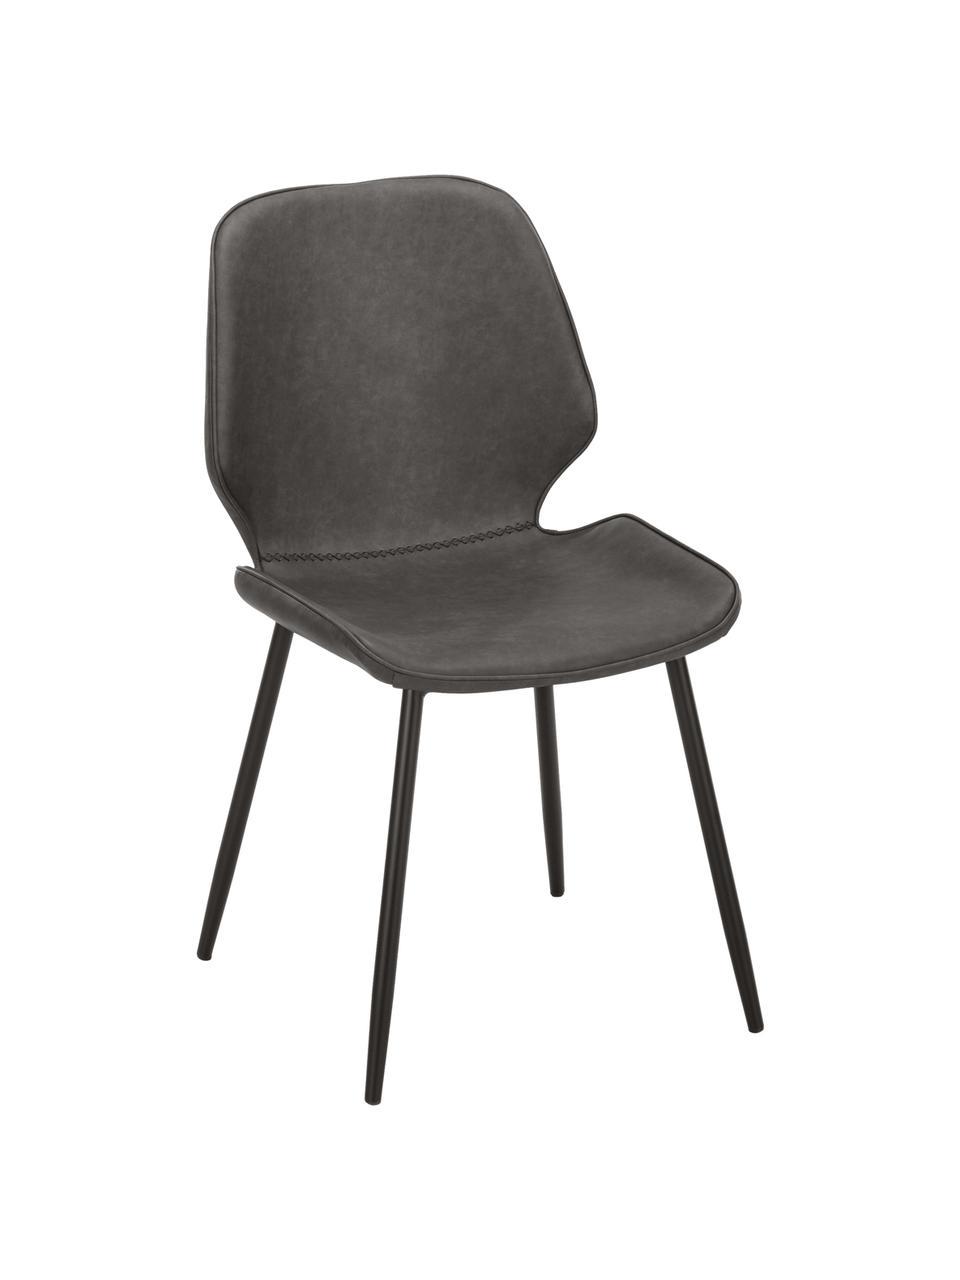 Krzesło tapicerowane ze sztucznej skóry  Louis, 2 szt., Tapicerka: sztuczna skóra (65% polie, Nogi: metal malowany proszkowo, Szary, S 44 x G 58 cm